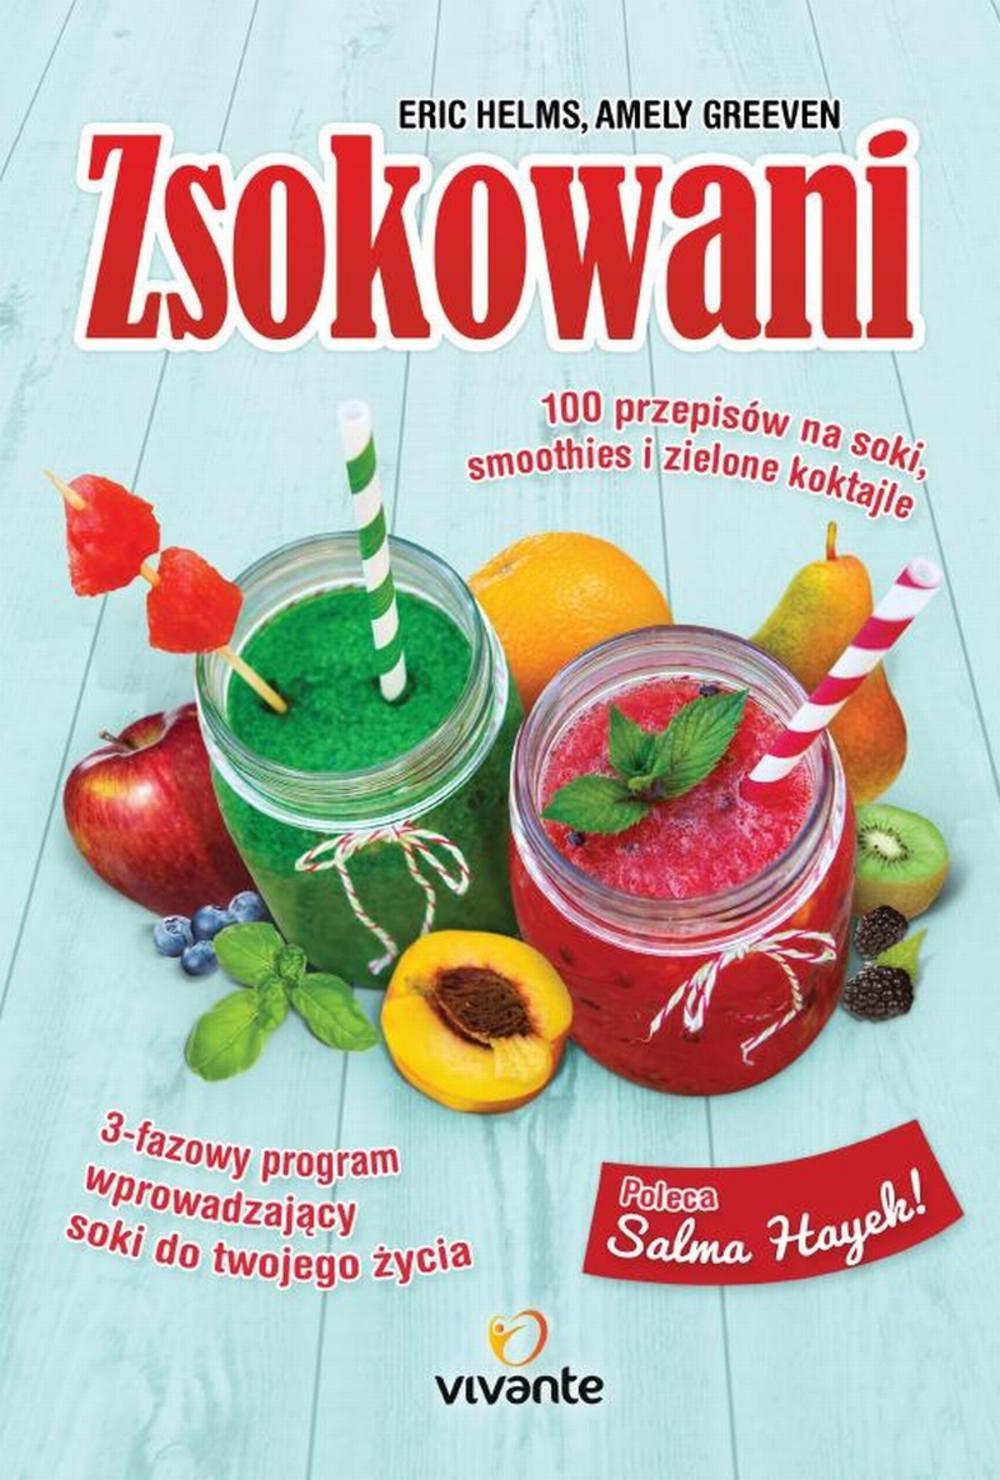 Zsokowani. 100 przepisów na soki, smoothies i zielone koktajle - Ebook (Książka na Kindle) do pobrania w formacie MOBI